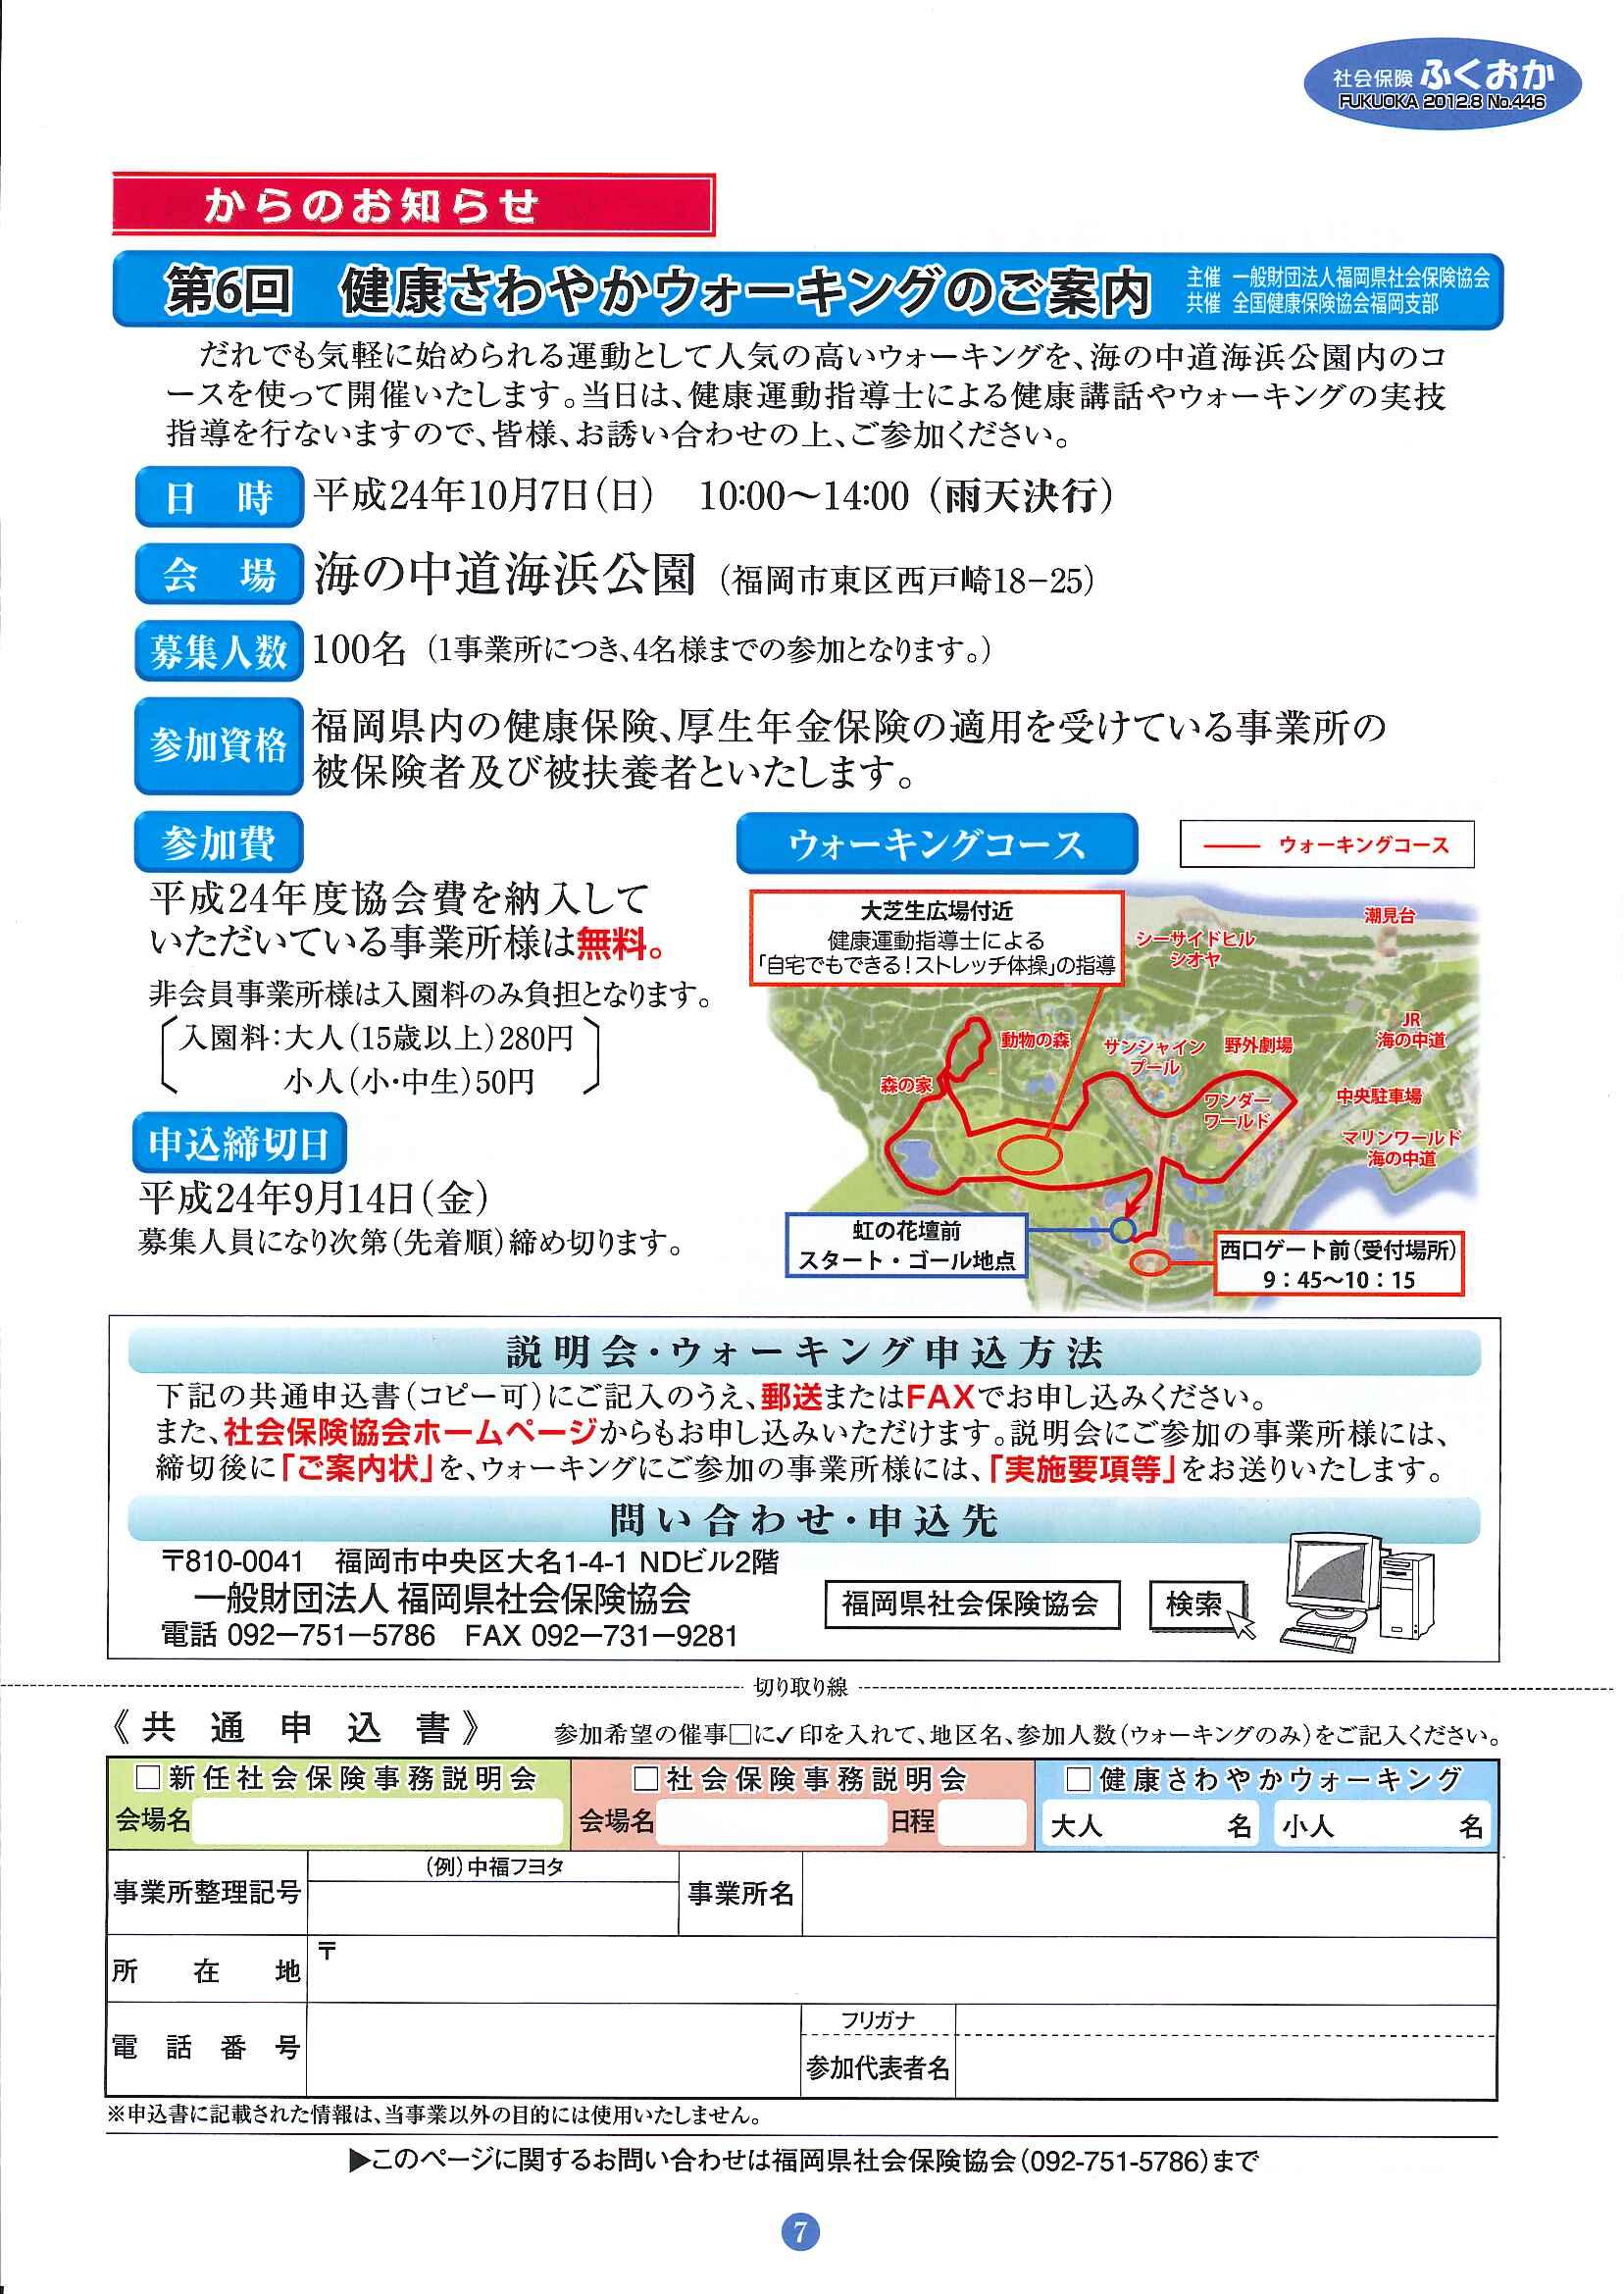 社会保険 ふくおか 2012 8月号_f0120774_14495946.jpg